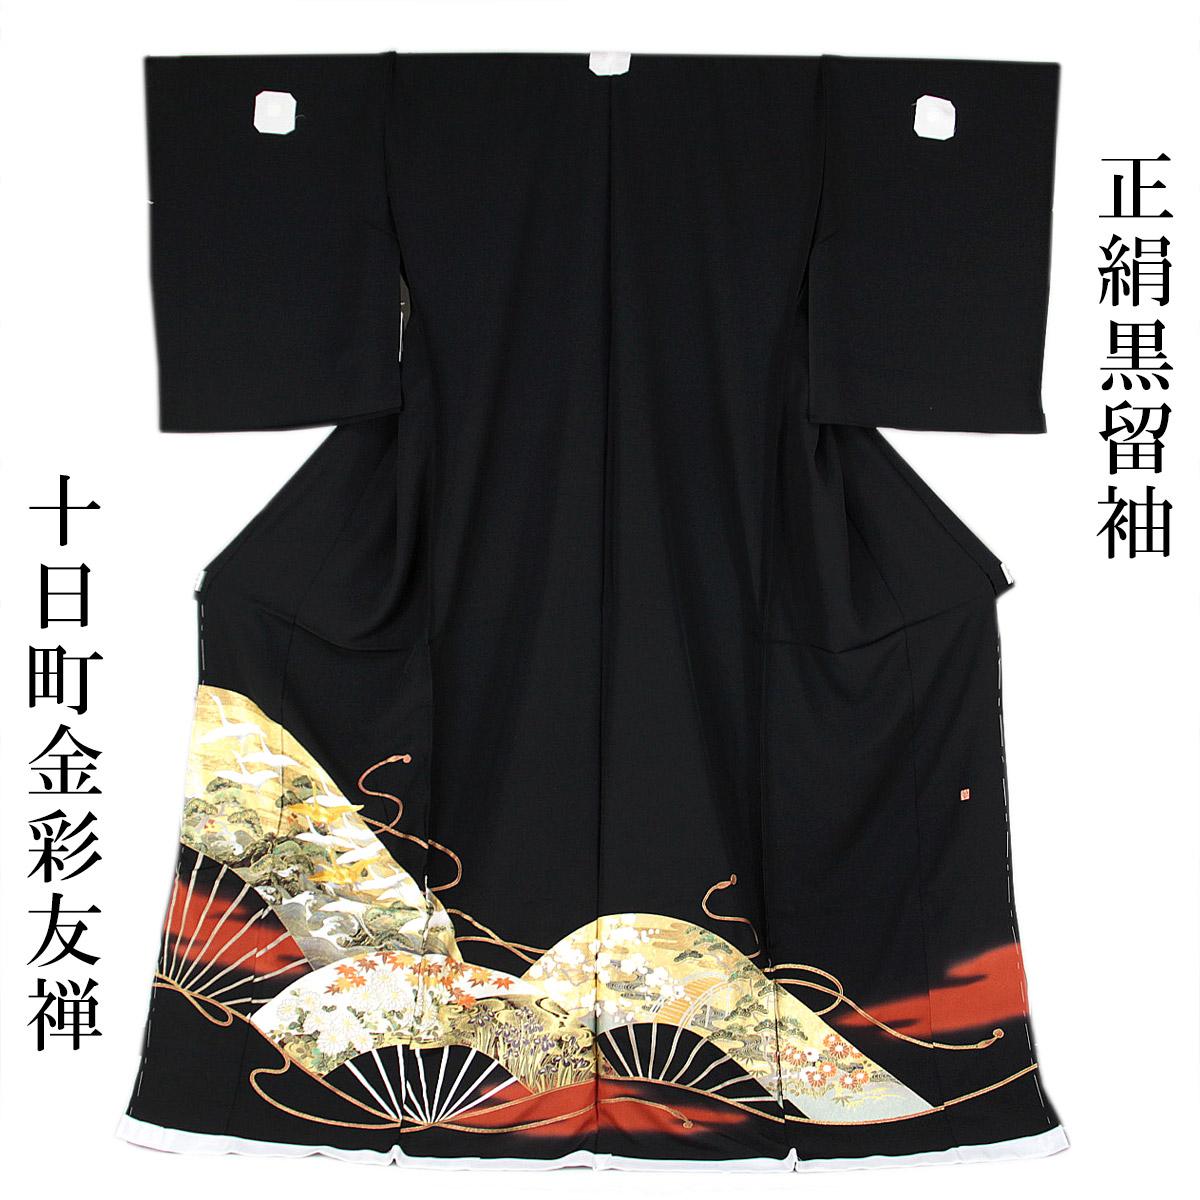 【展示品】 黒留袖 仮絵羽 -2- 十日町金彩友禅 光琳扇 絹100%